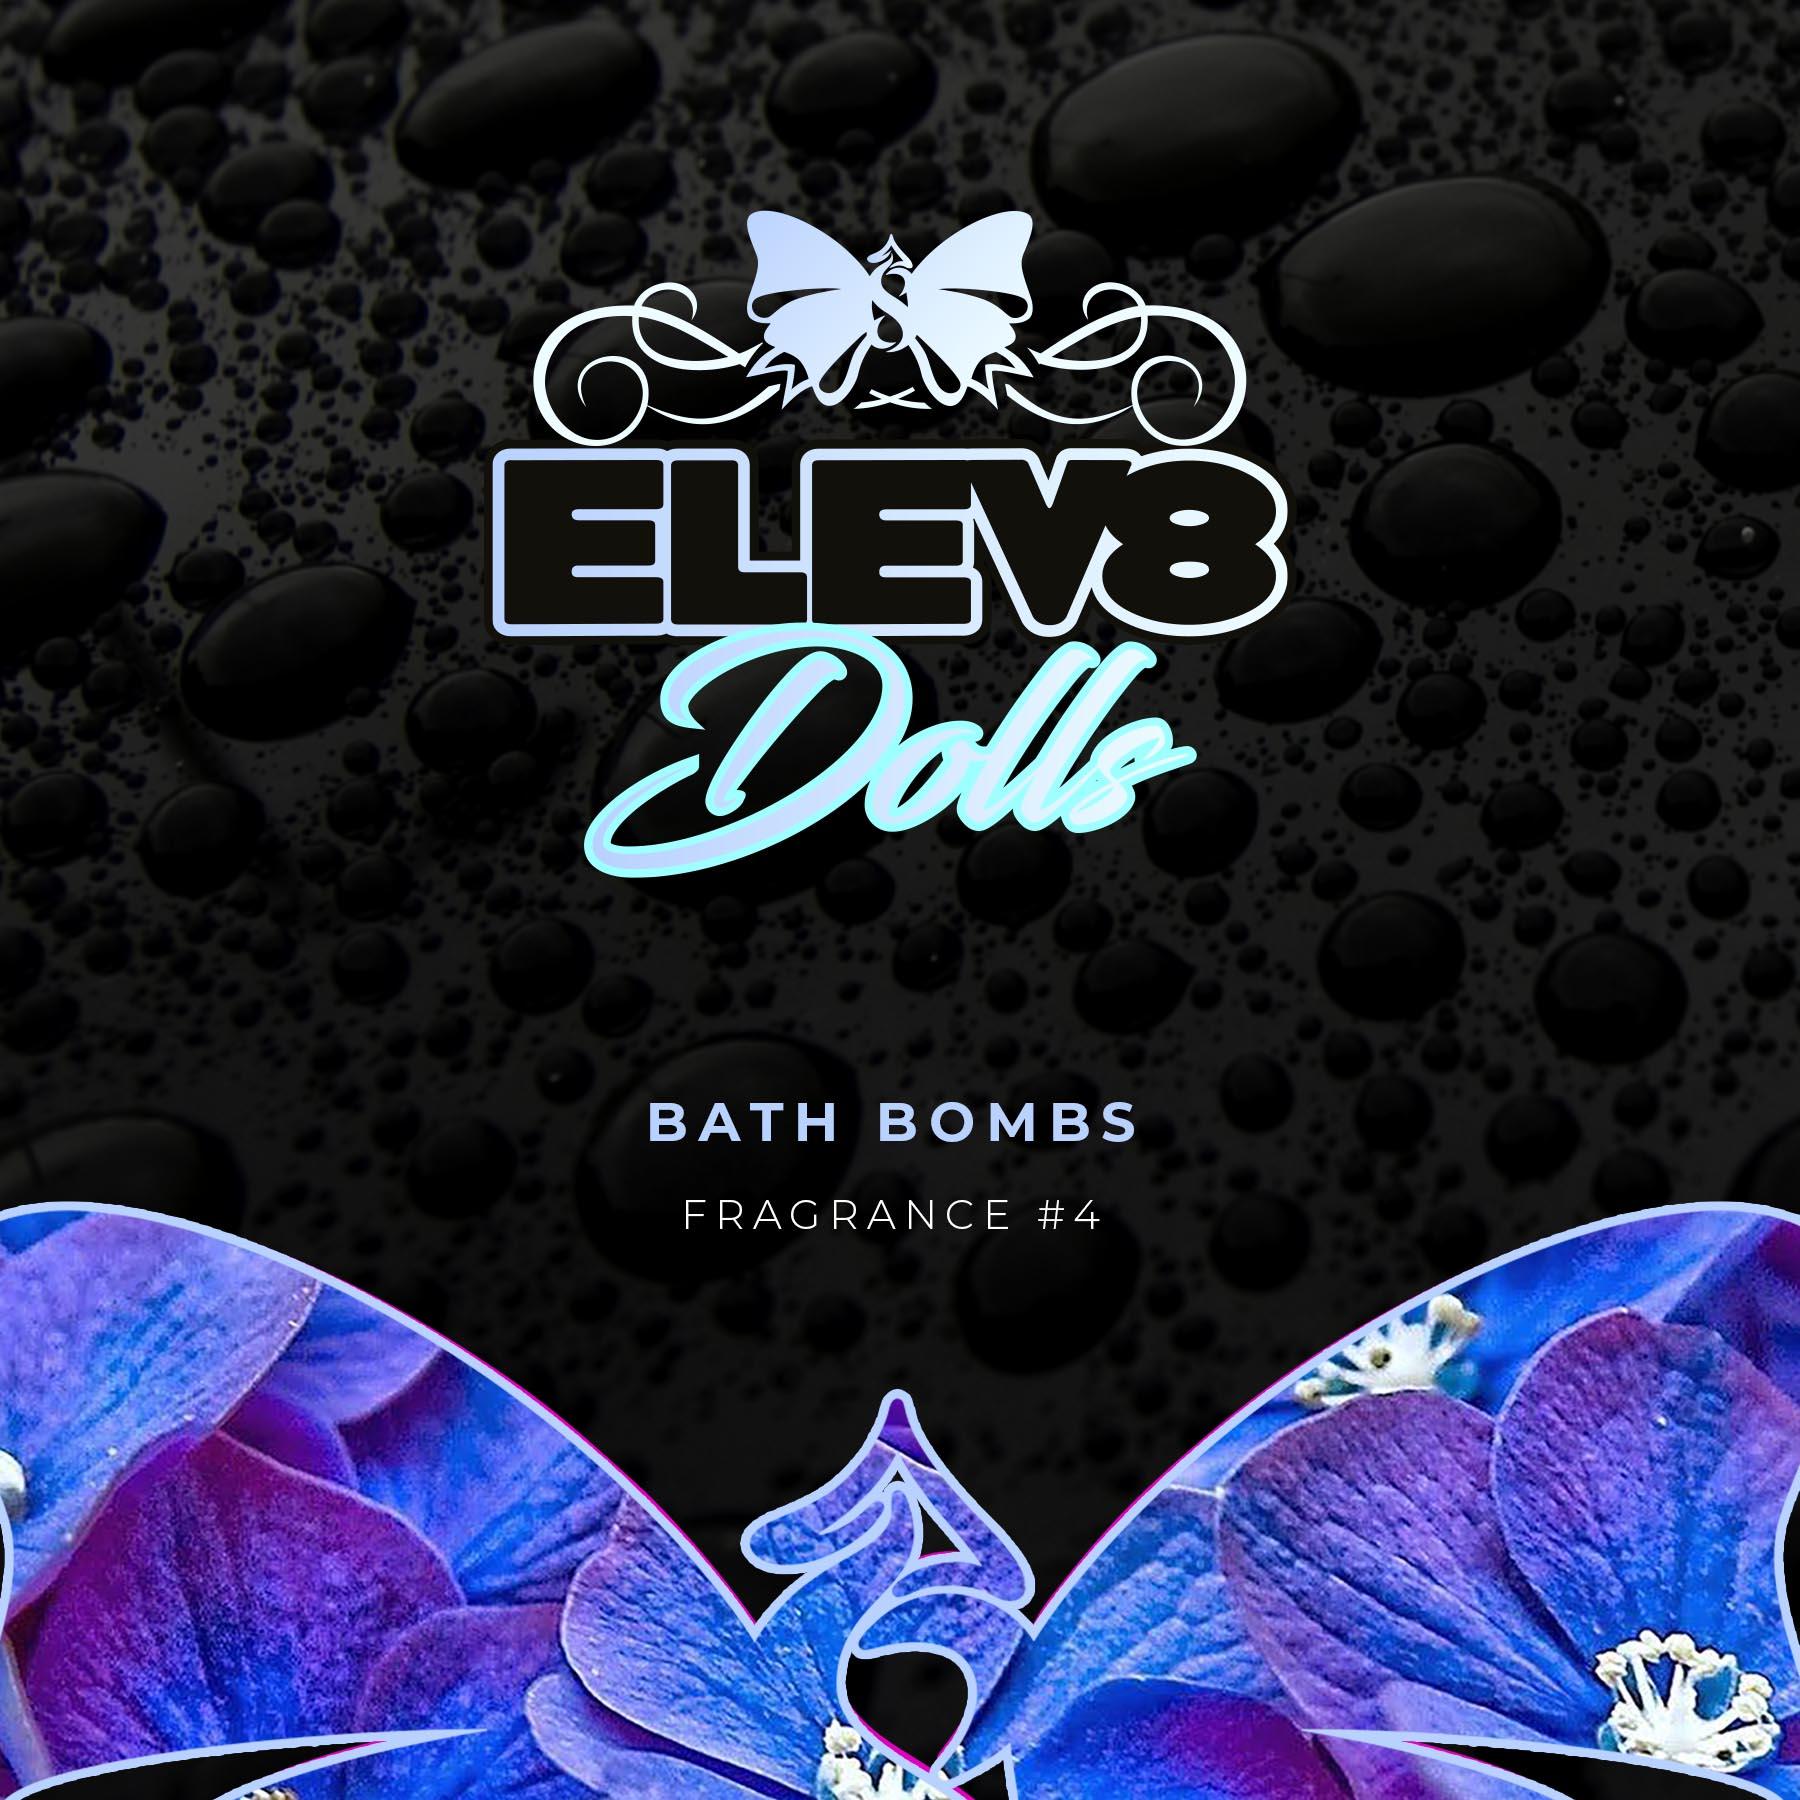 fragrance-4-elev8-doll-bath-bomb.jpg